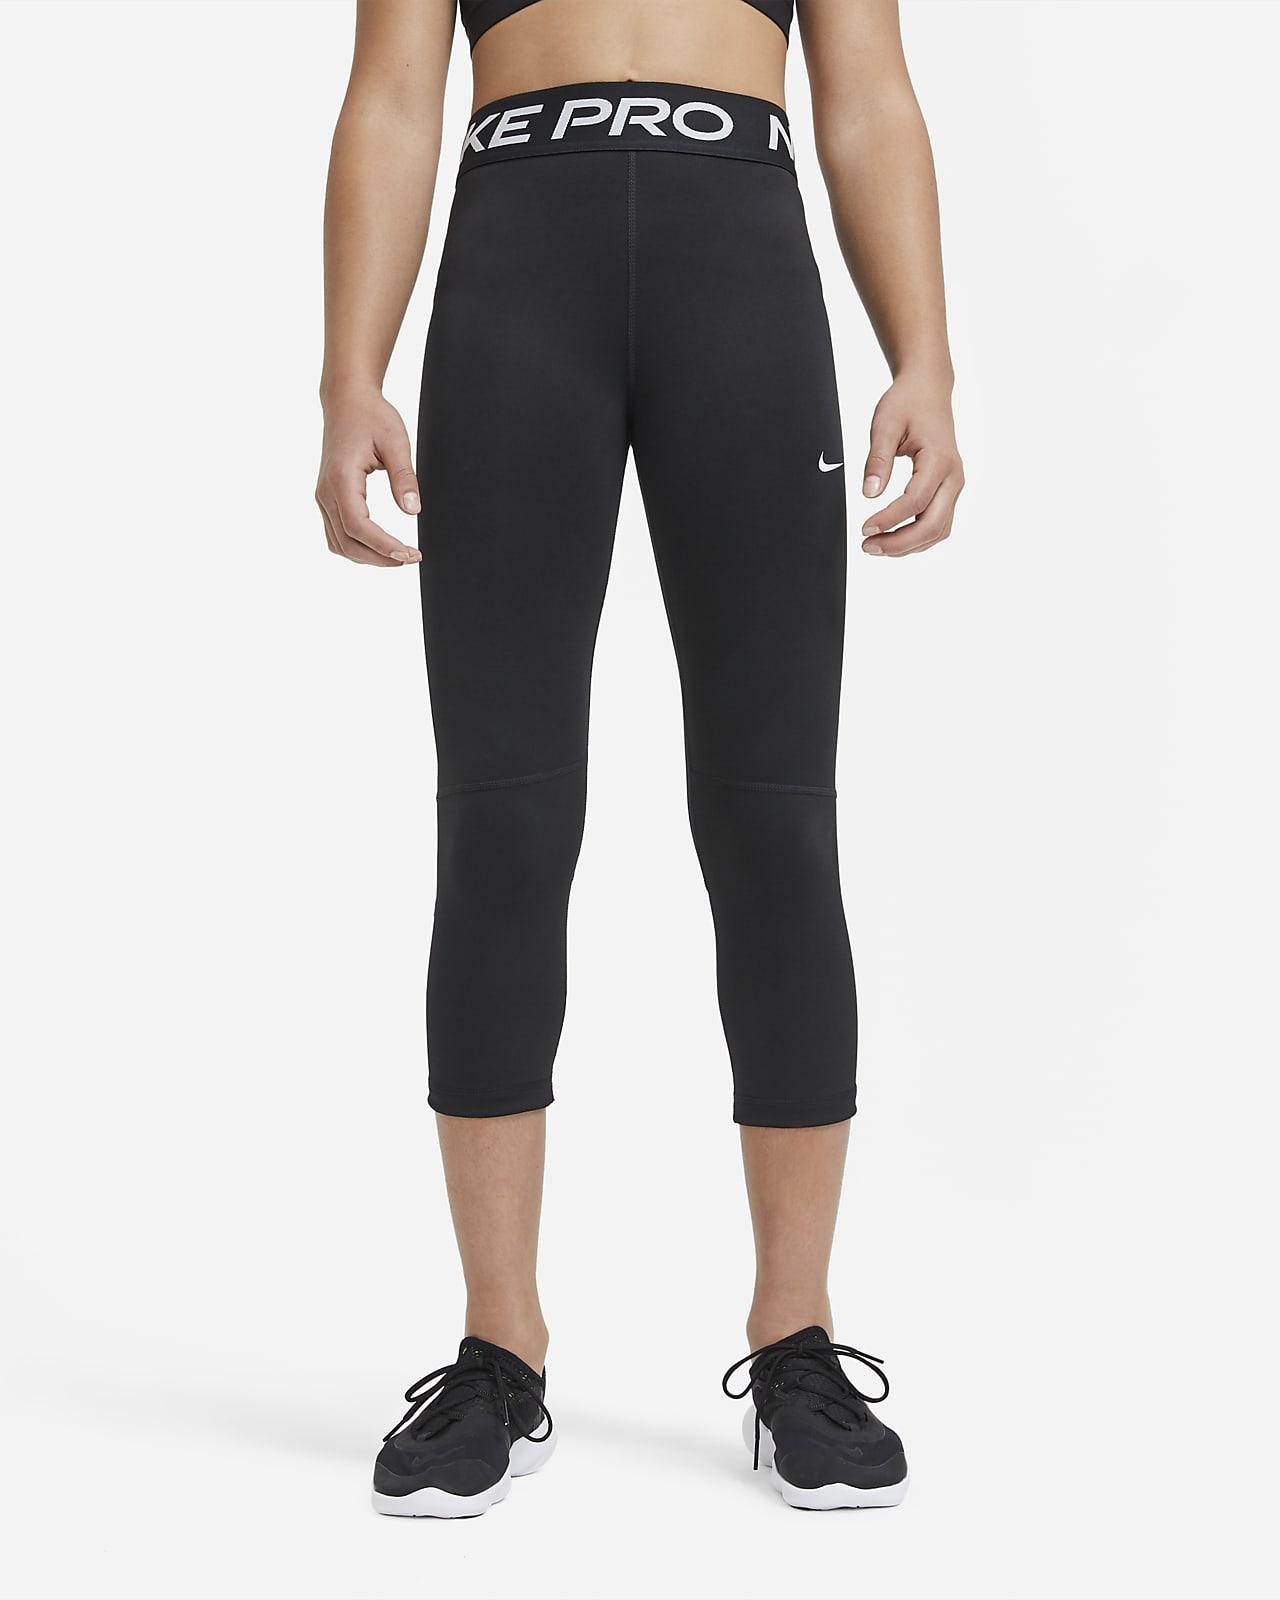 Κολάν κάπρι Nike Pro για μεγάλα κορίτσια